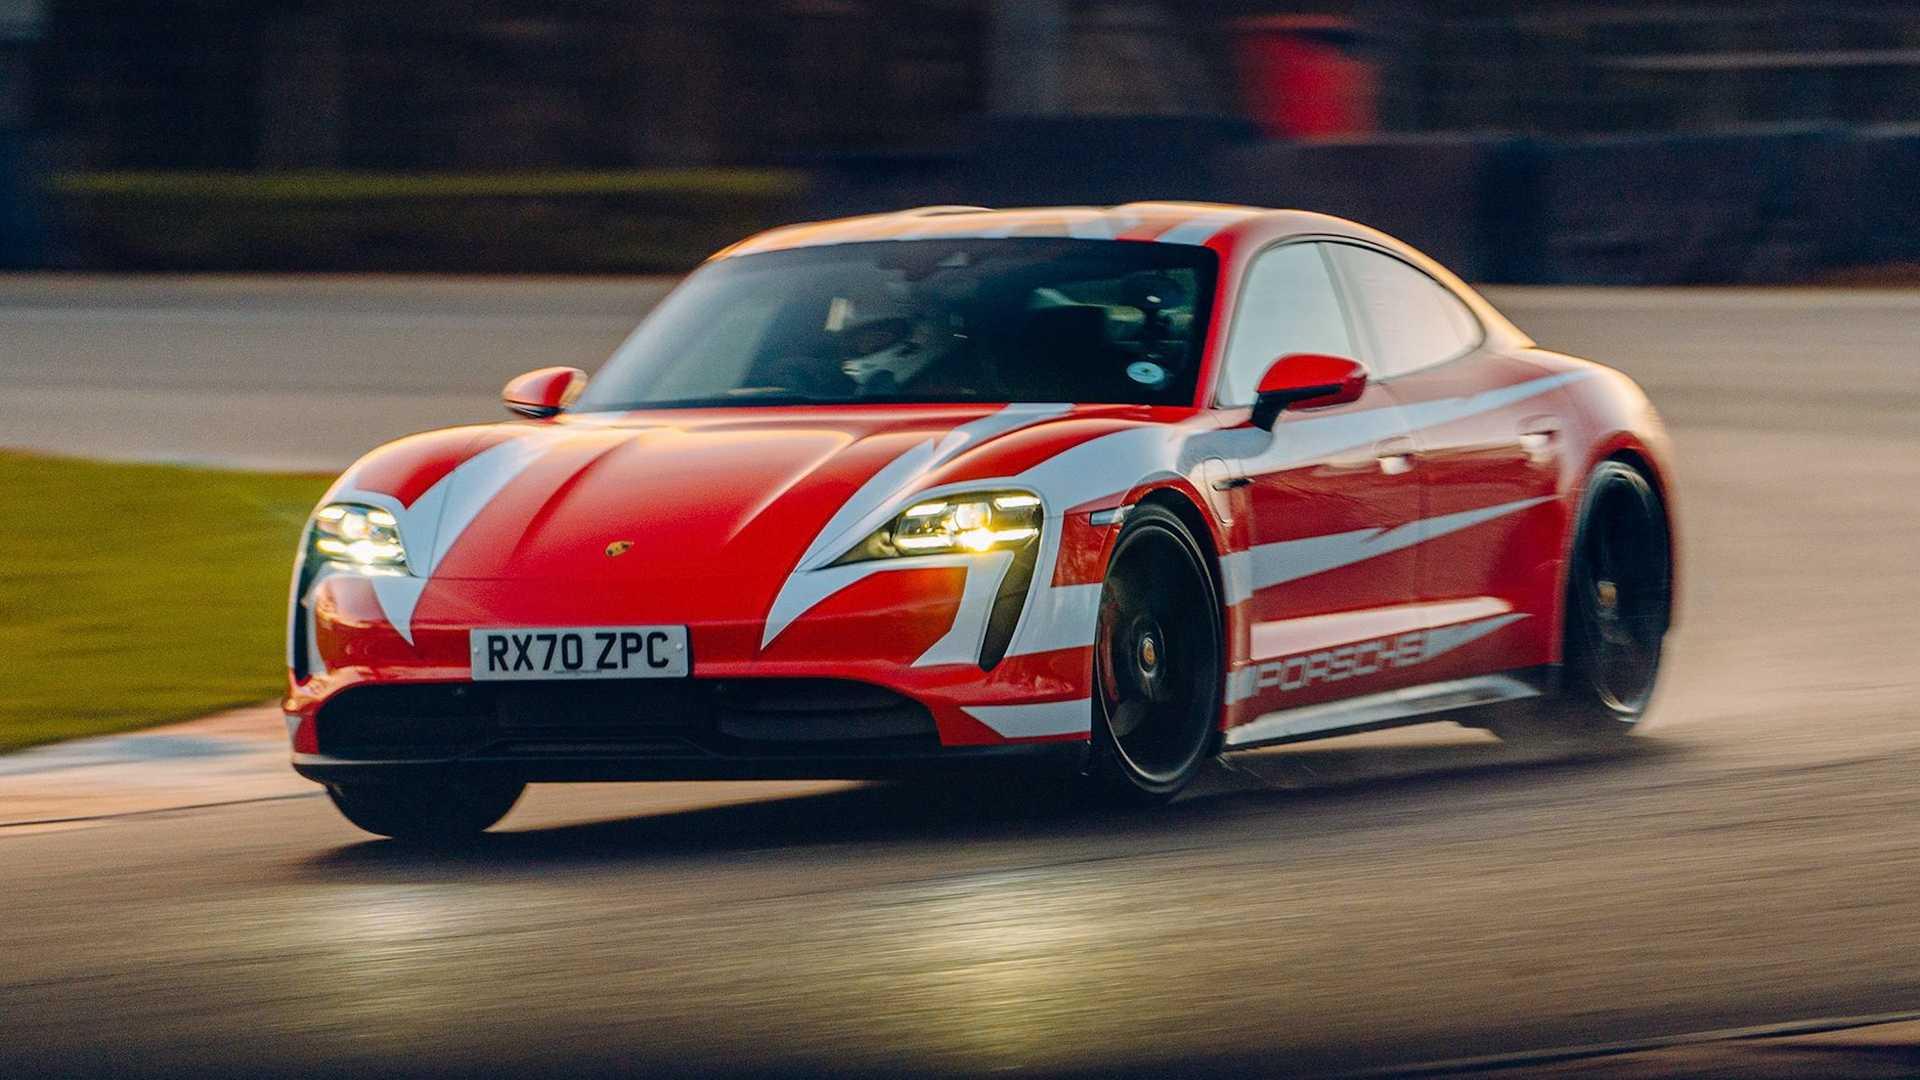 Porsche-Taycan-At-Brands-Hatch-Circuit-4